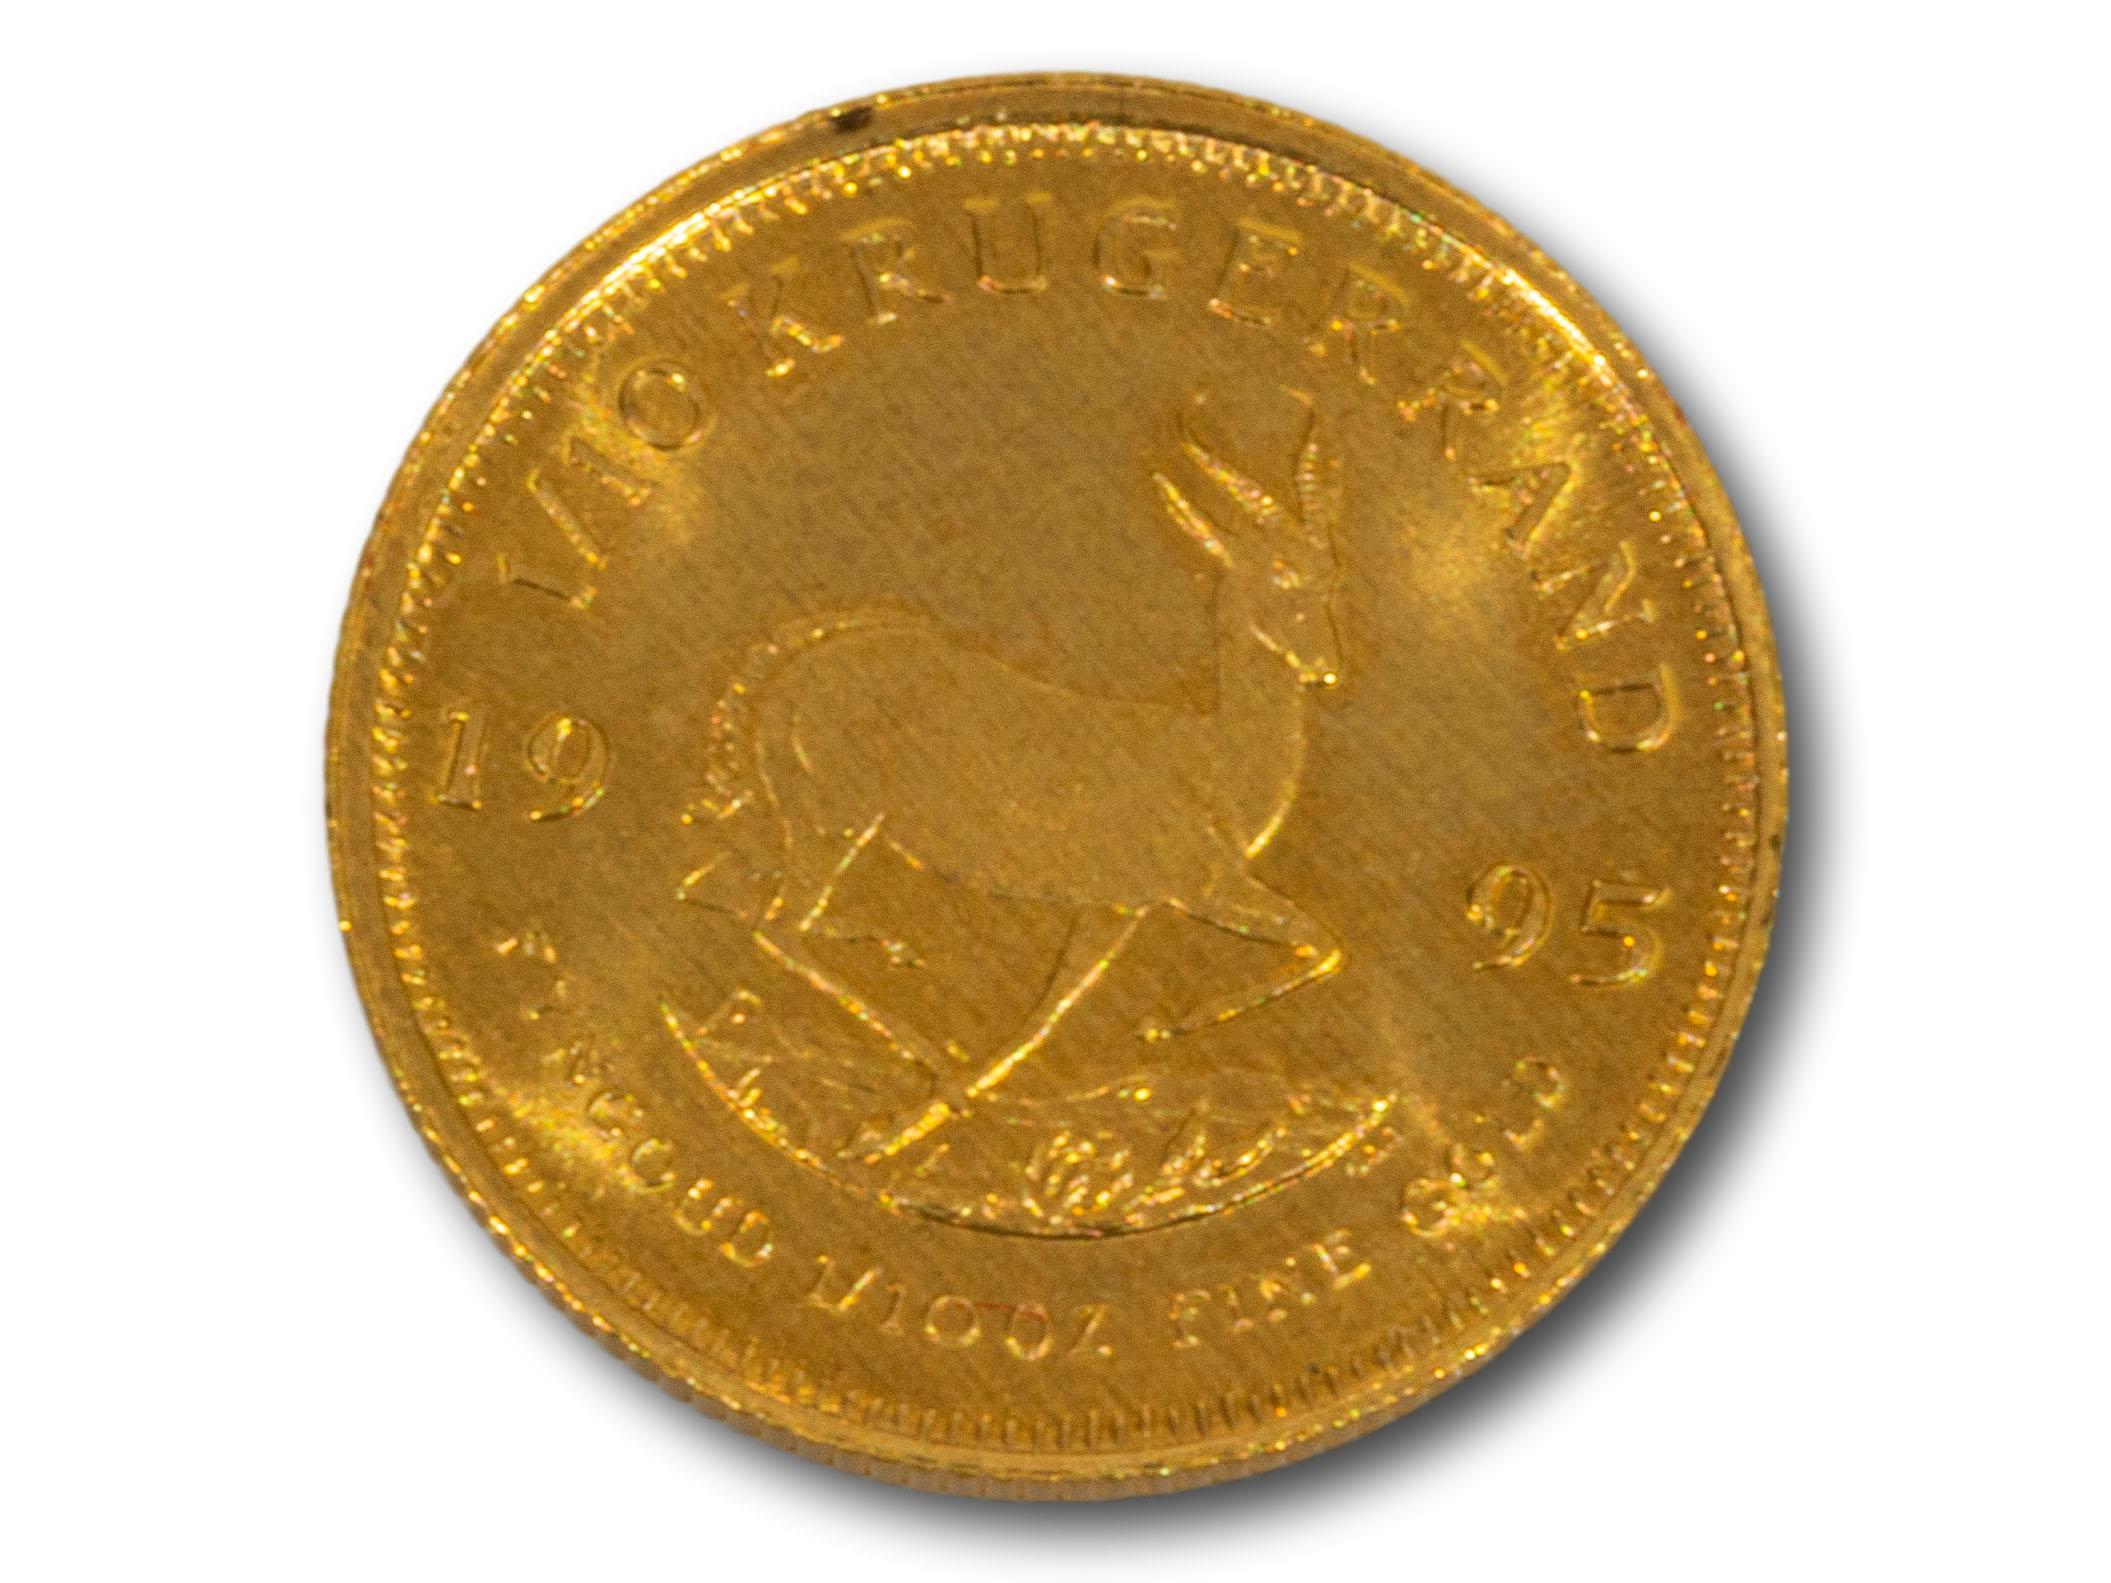 A 1995 1/10 Kruger Rand